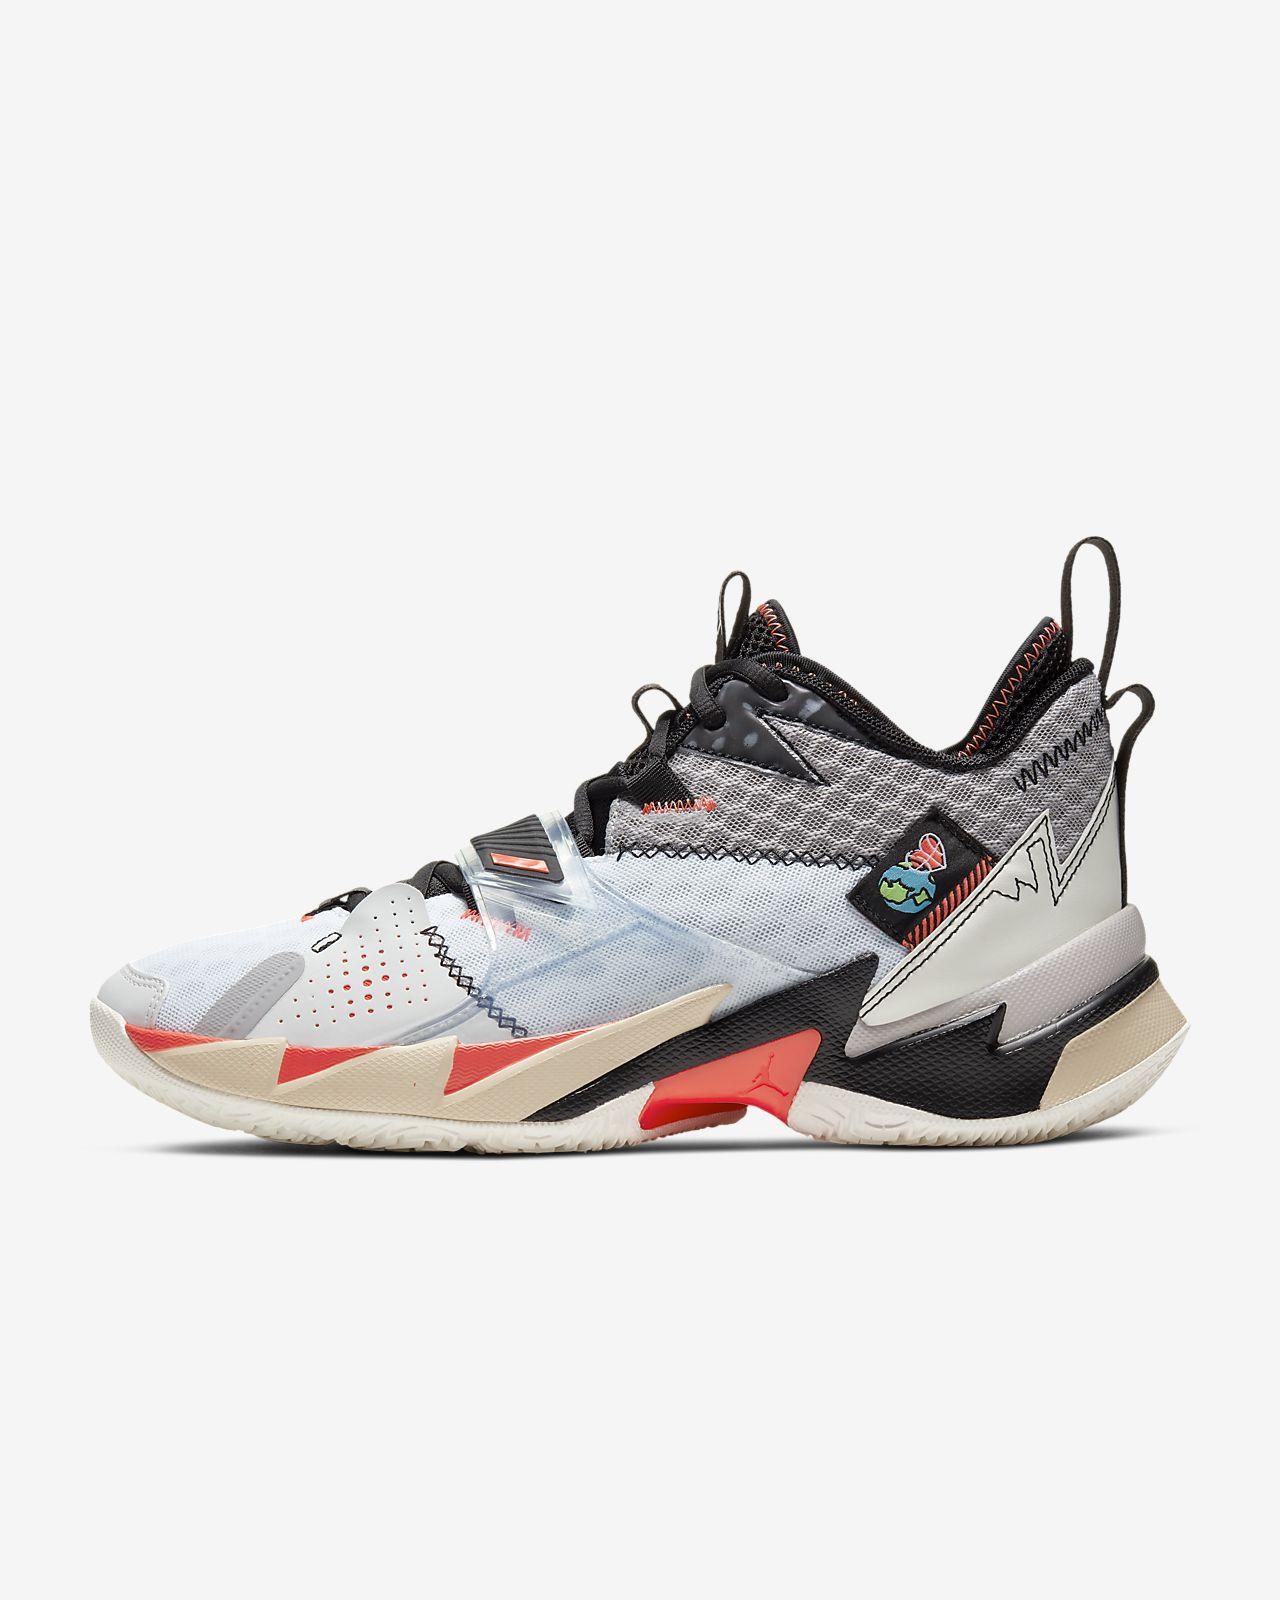 Jordan Why Not? Chaussure de basketball Zer0.3